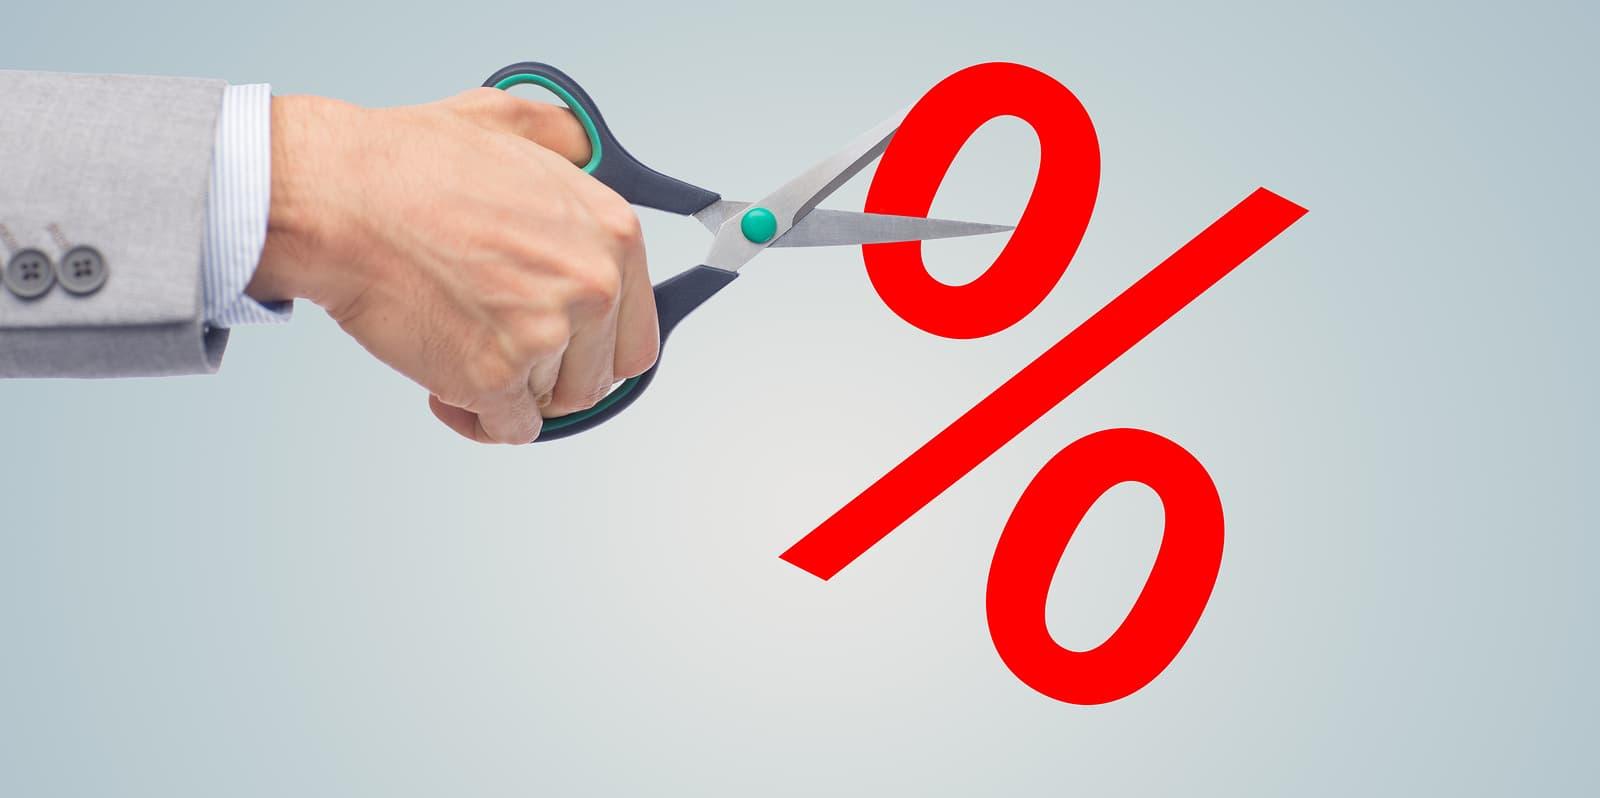 получение кредита с плохой кредитной историей и просрочками